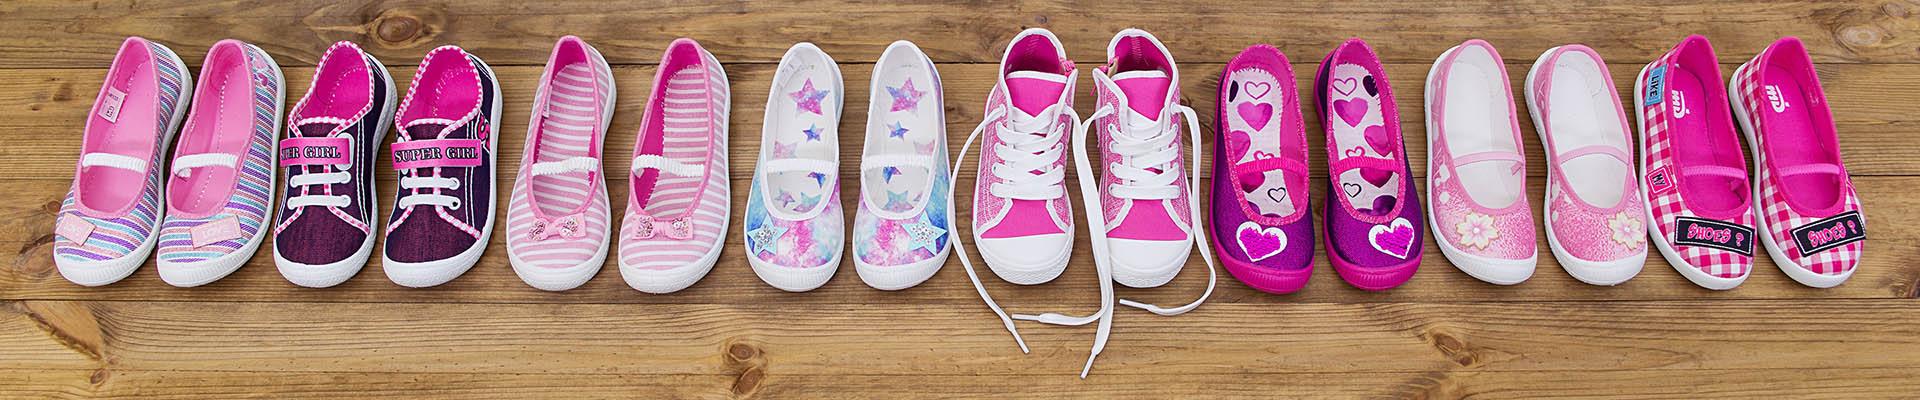 Oddychajace obuwie dla dzieci